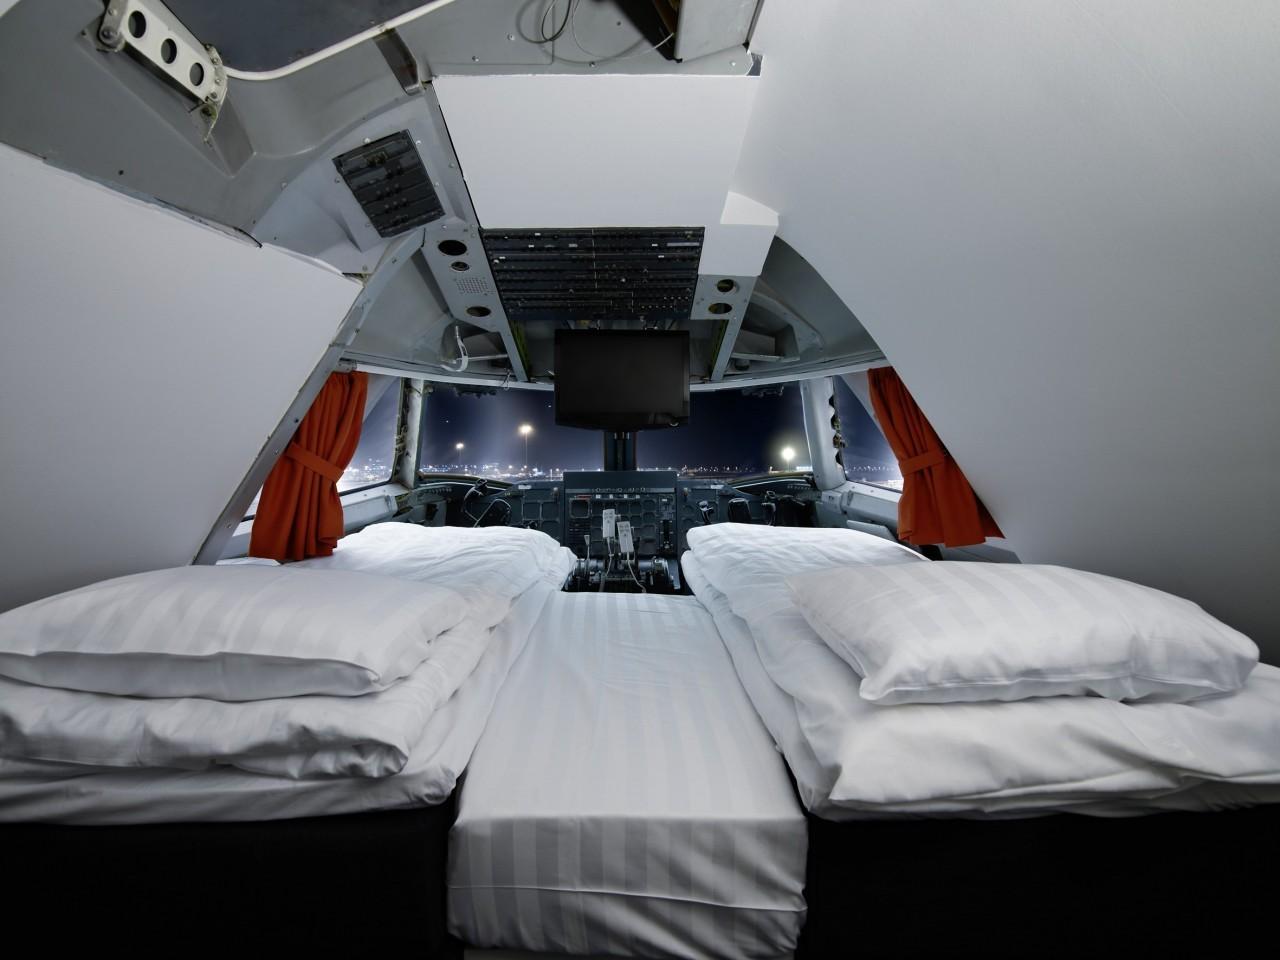 Hébergement insolite - Dormir - cockpit d'un avion